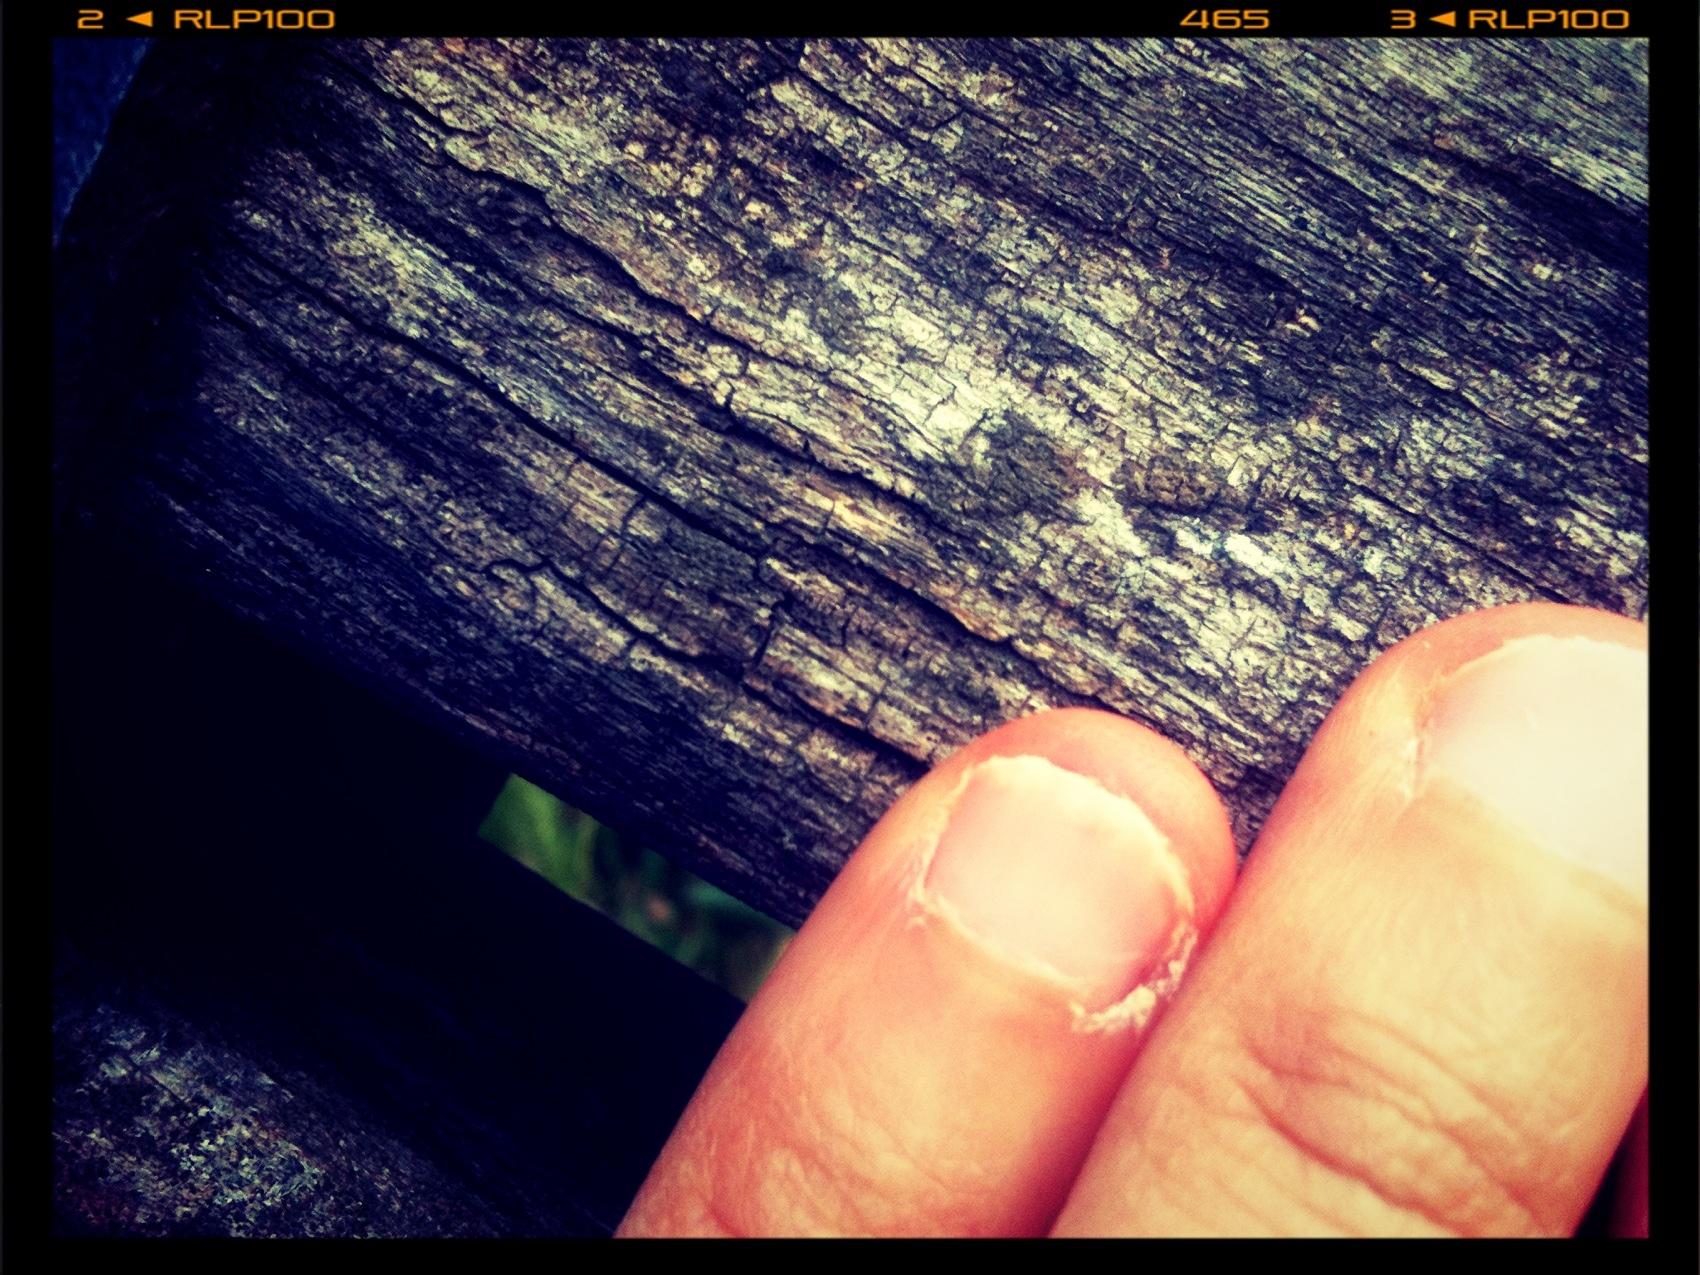 mangiarsi le unghie.jpg